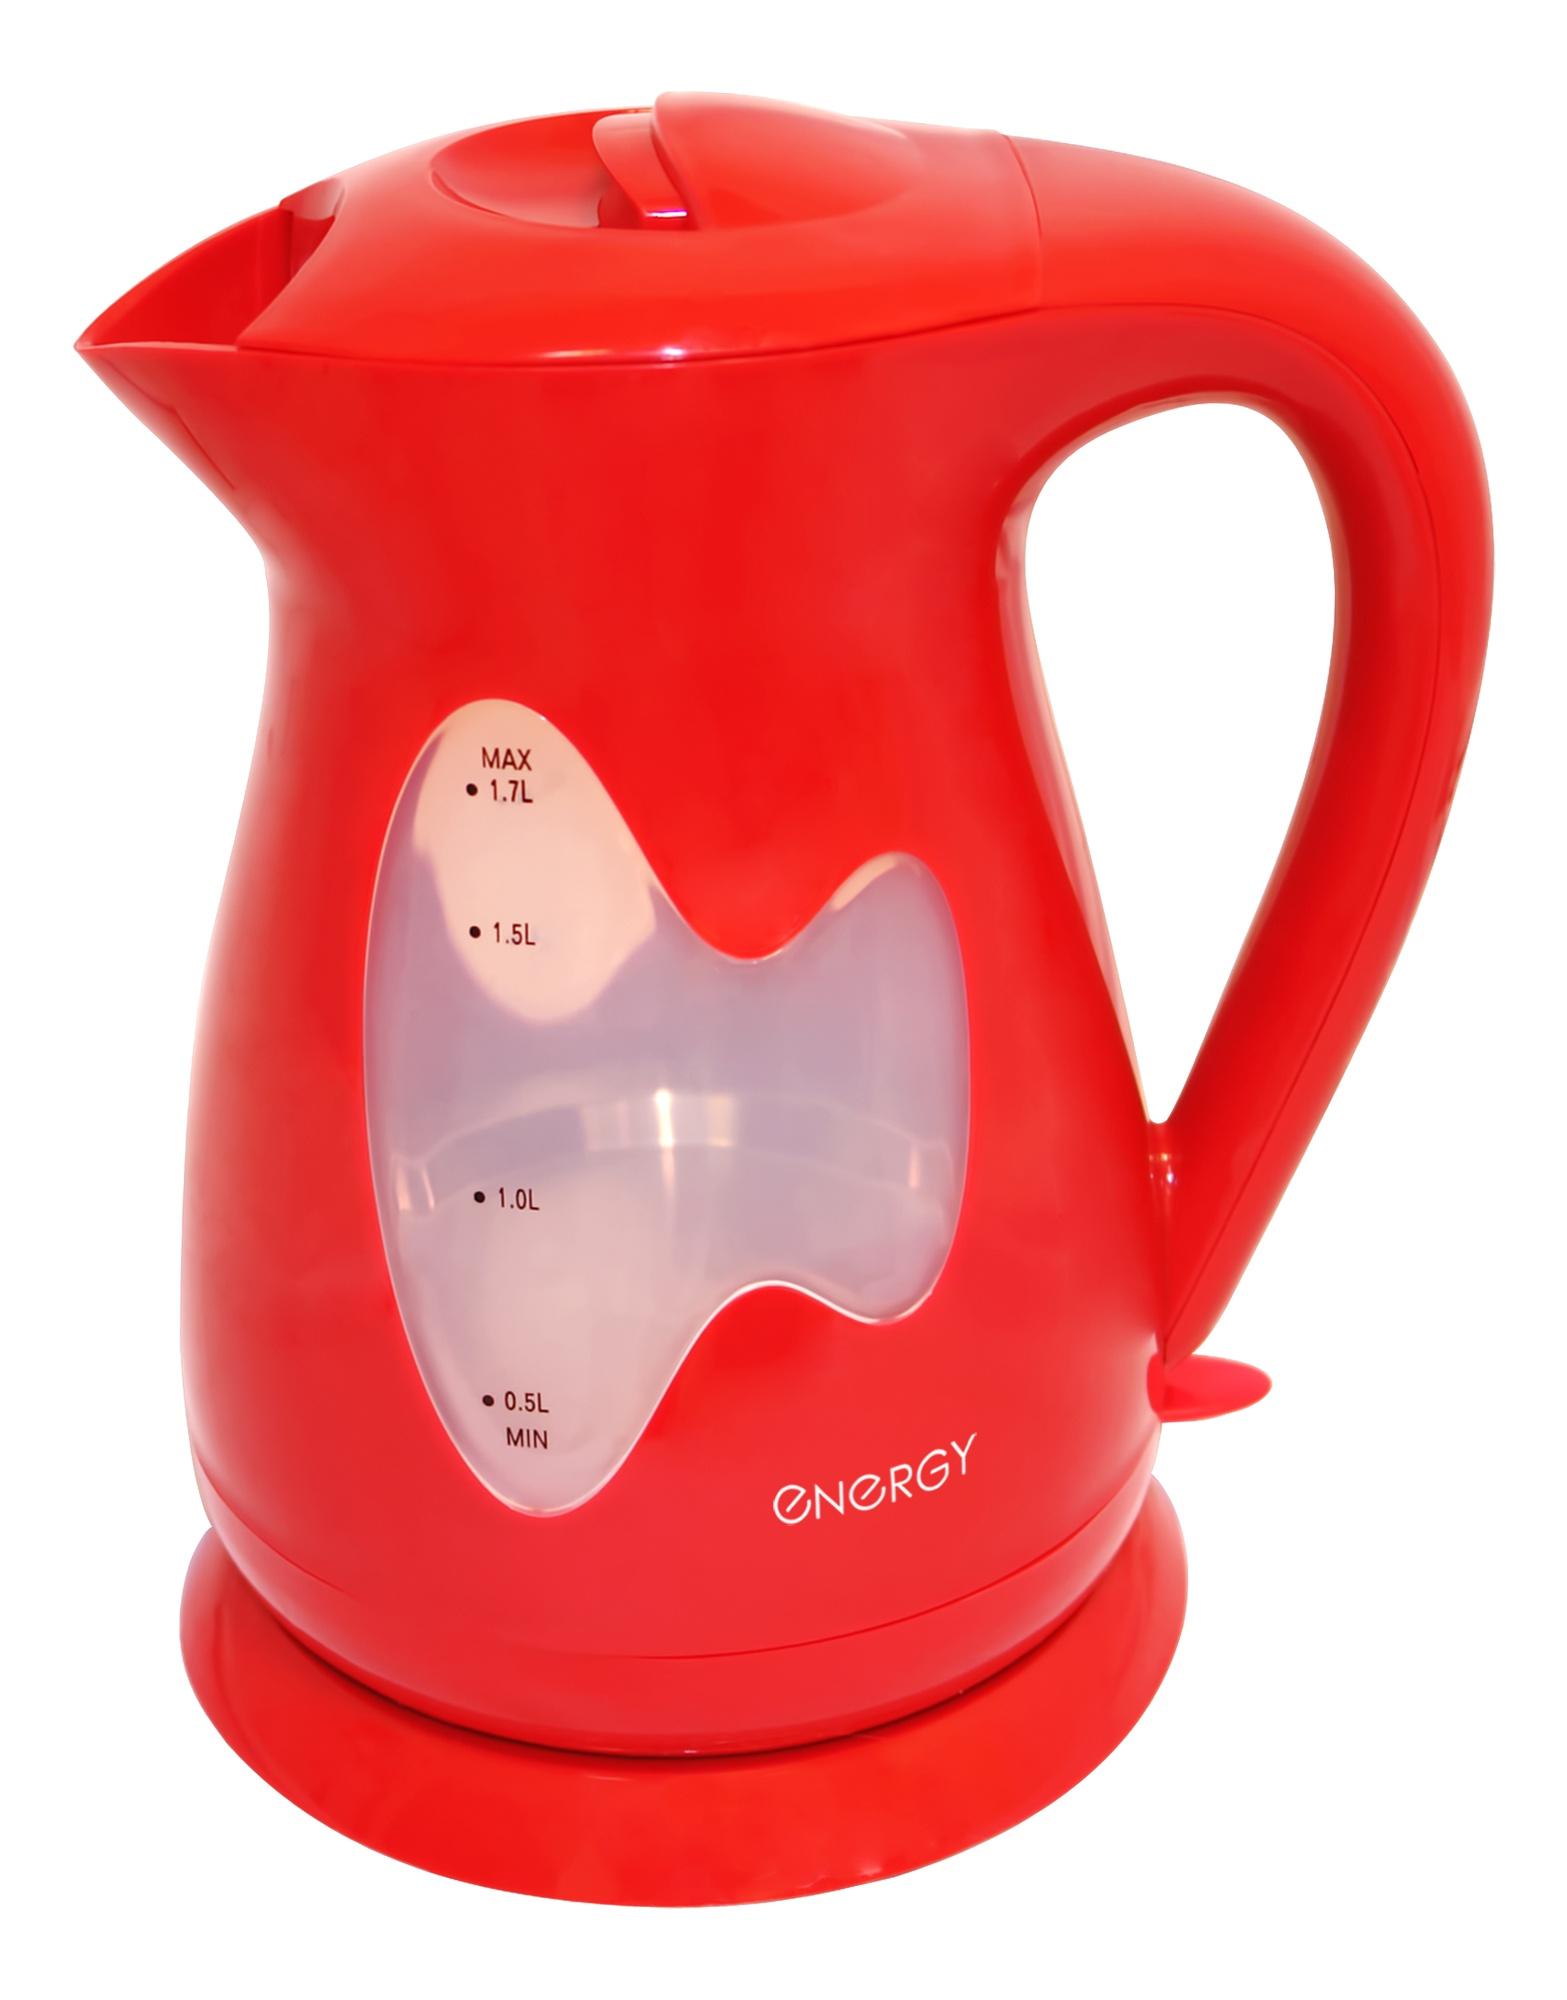 Электрический чайник ENERGY E-218, 54 153125, красный energy чайник energy e 226 1 7л диск белый